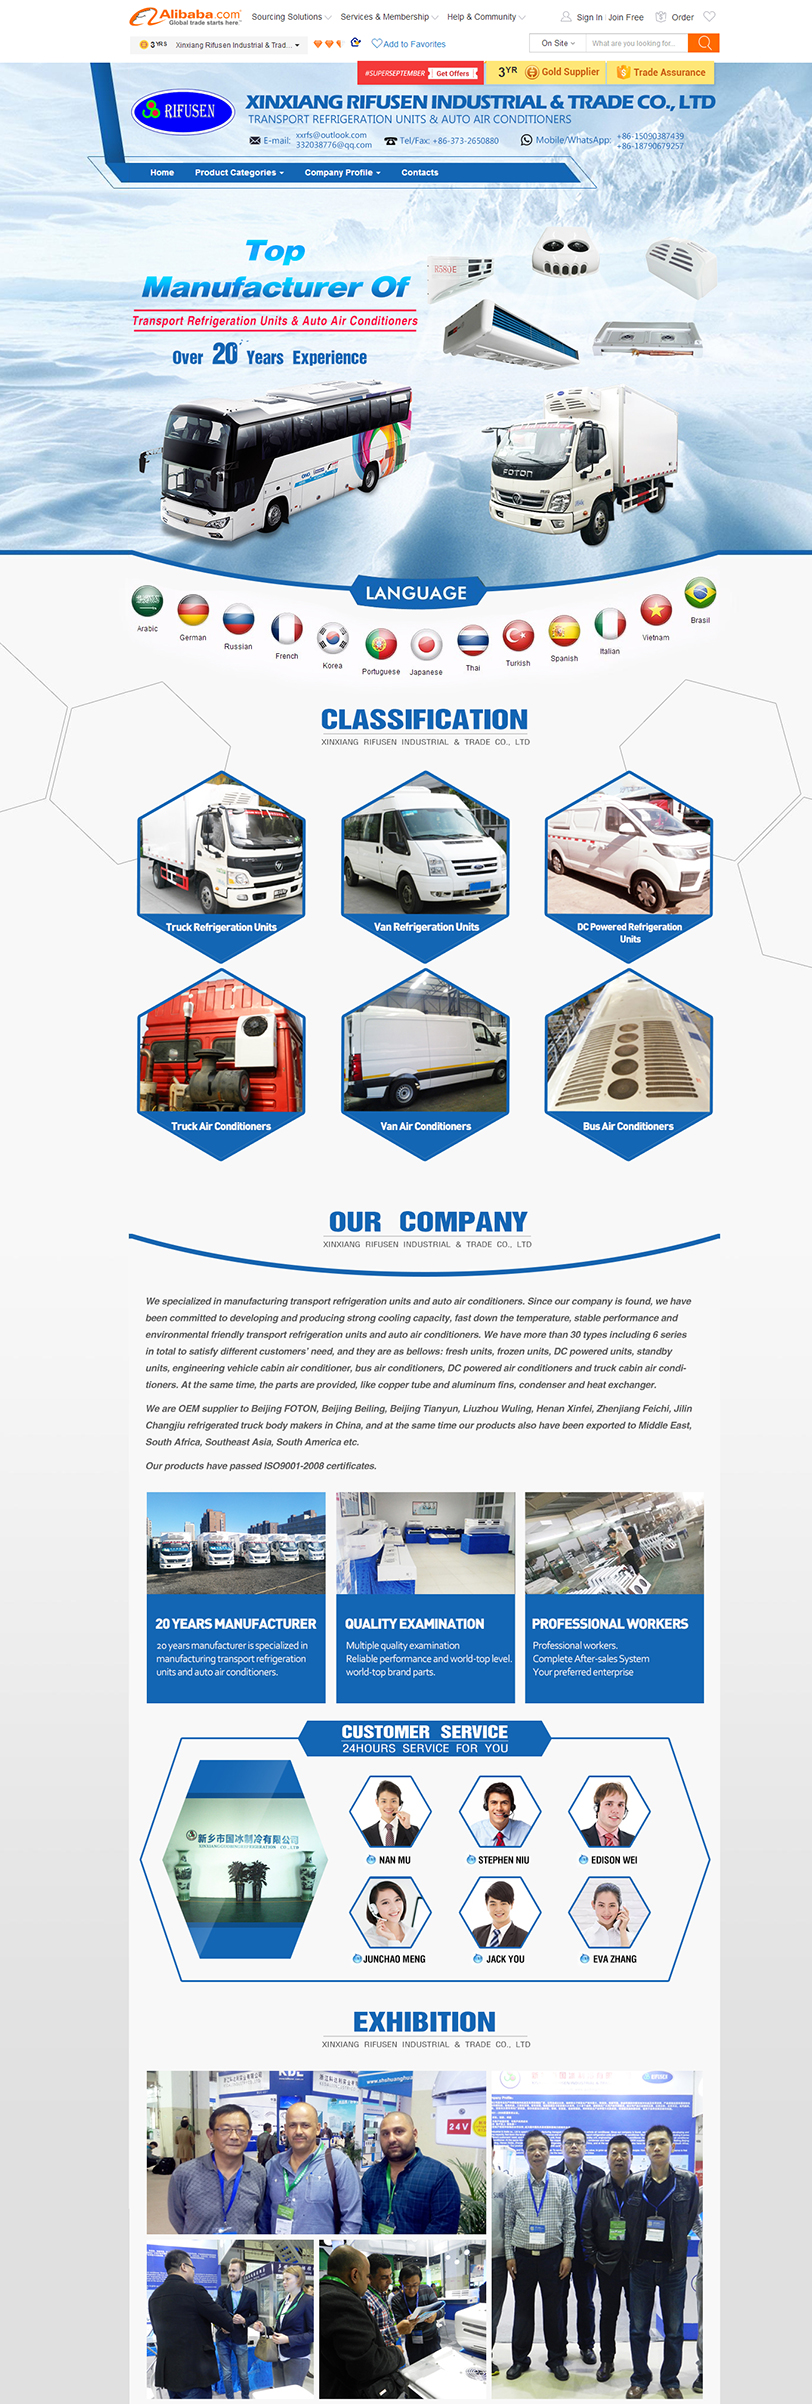 Xinxiang-Rifusen-Industrial--Trade-Co_,-Ltd_01.jpg